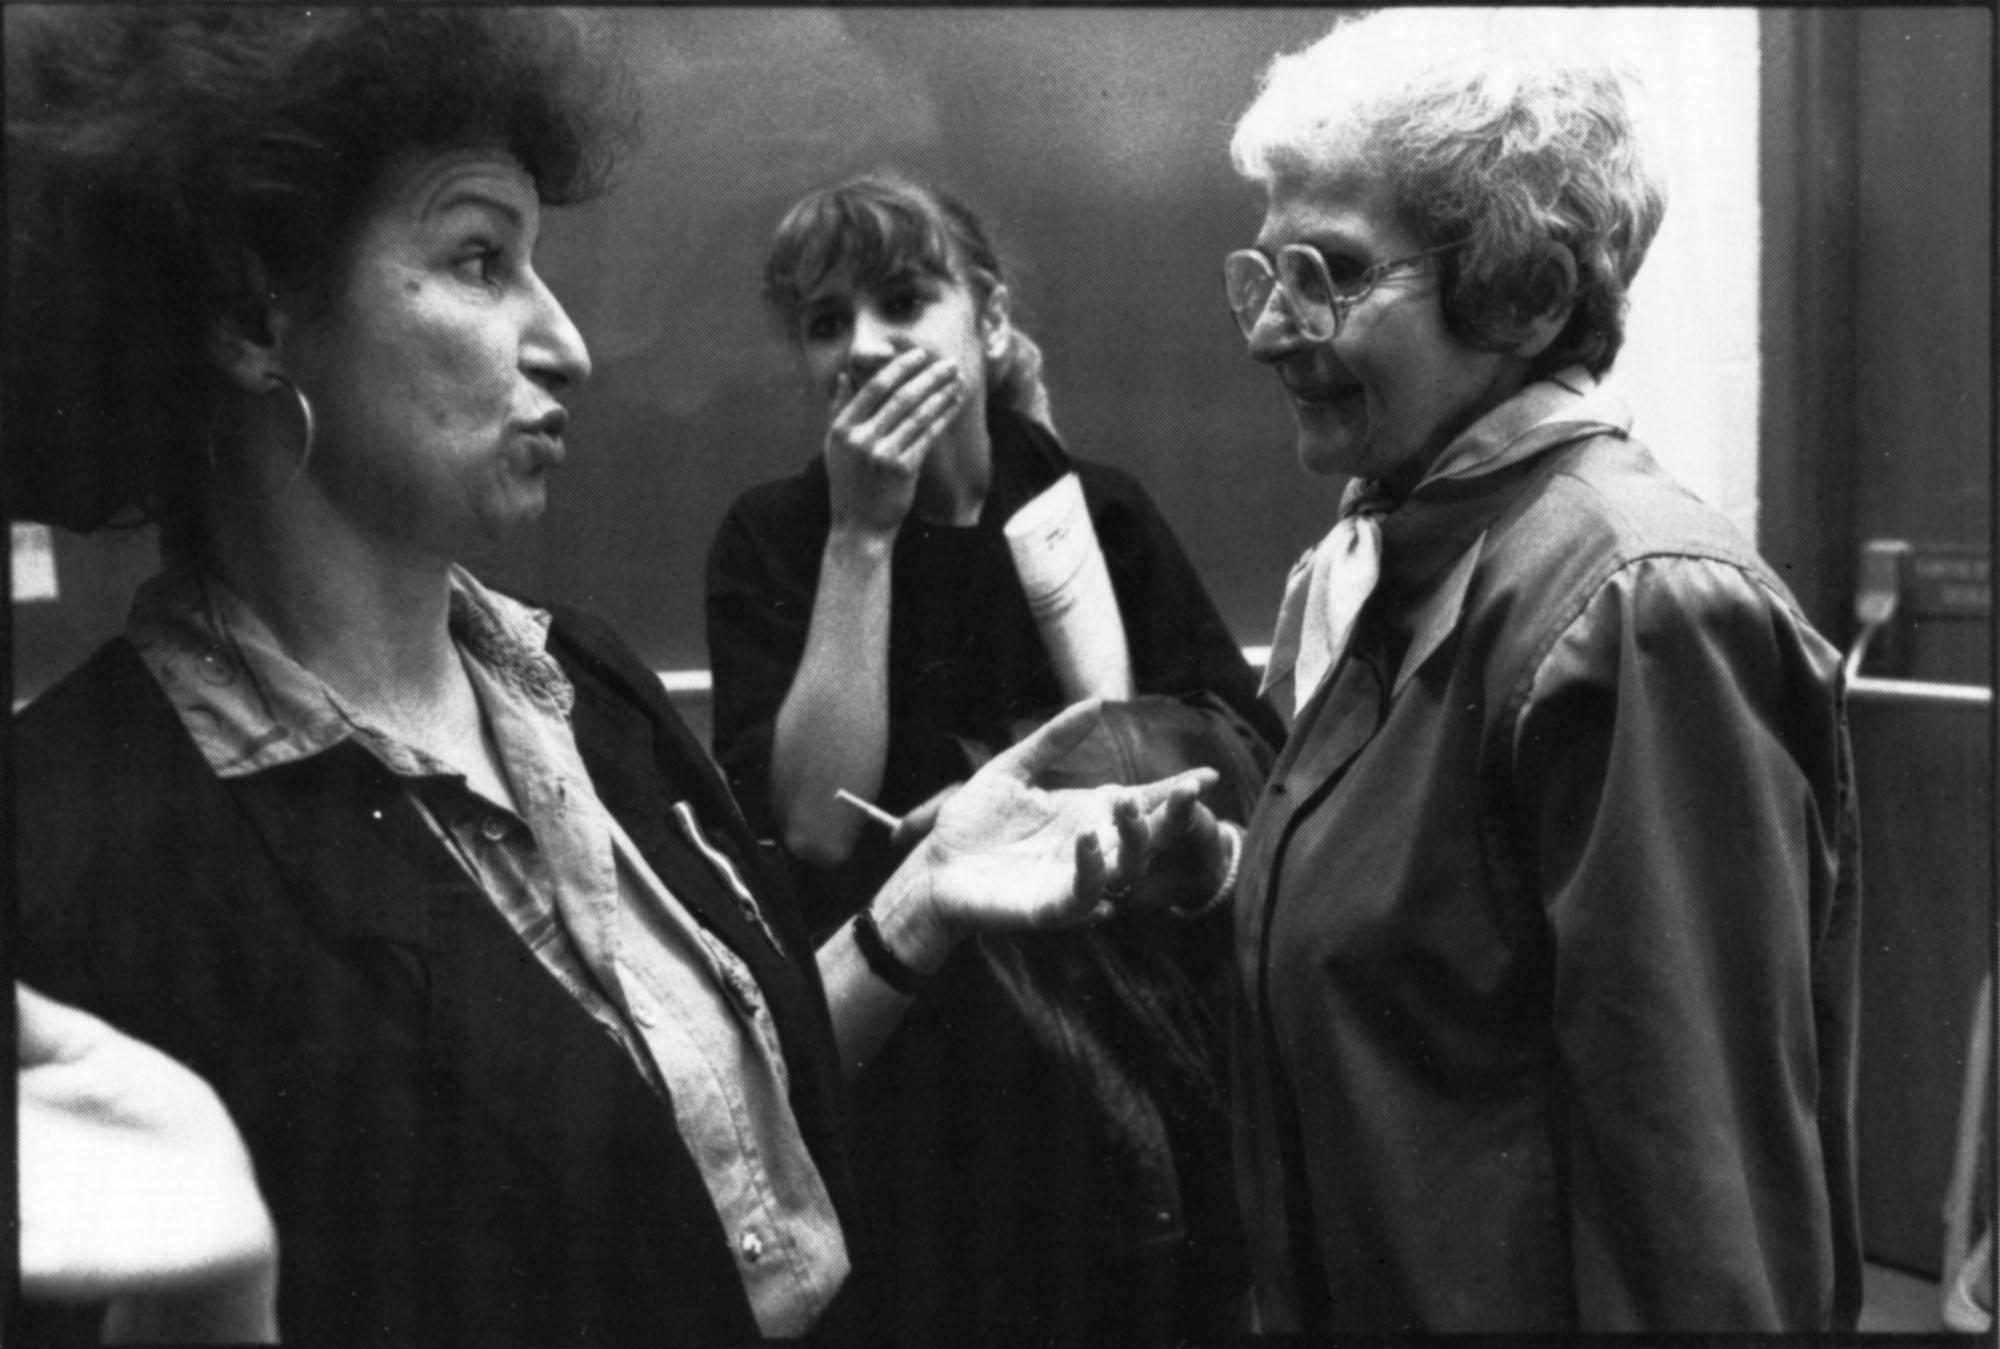 Aura Bizzarri, Madeleine Parent et une autre femme debout.